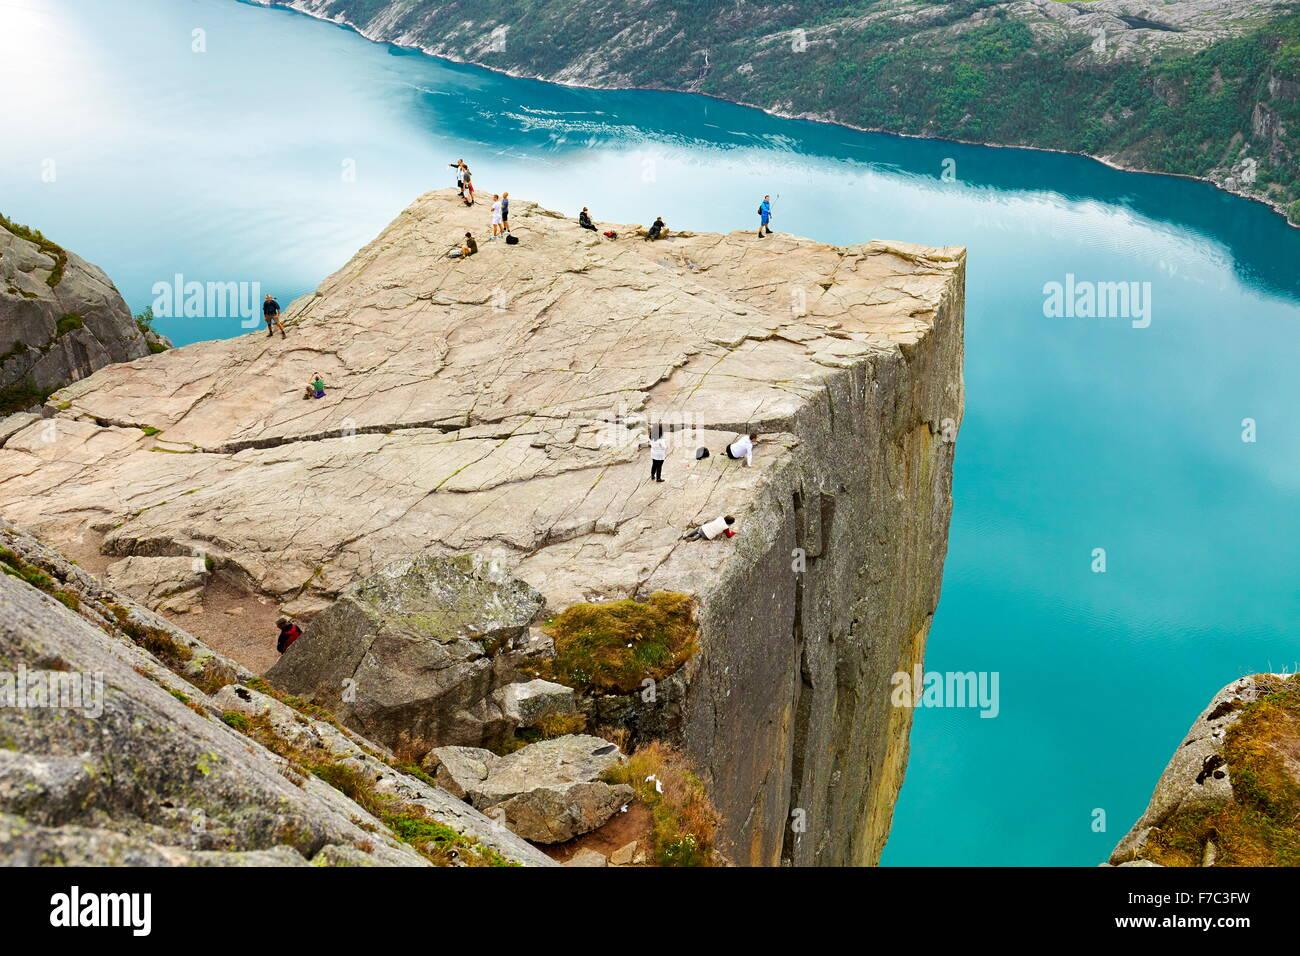 Preikestolen, Pulpit Rock, Lysefjorden, Norway - Stock Image